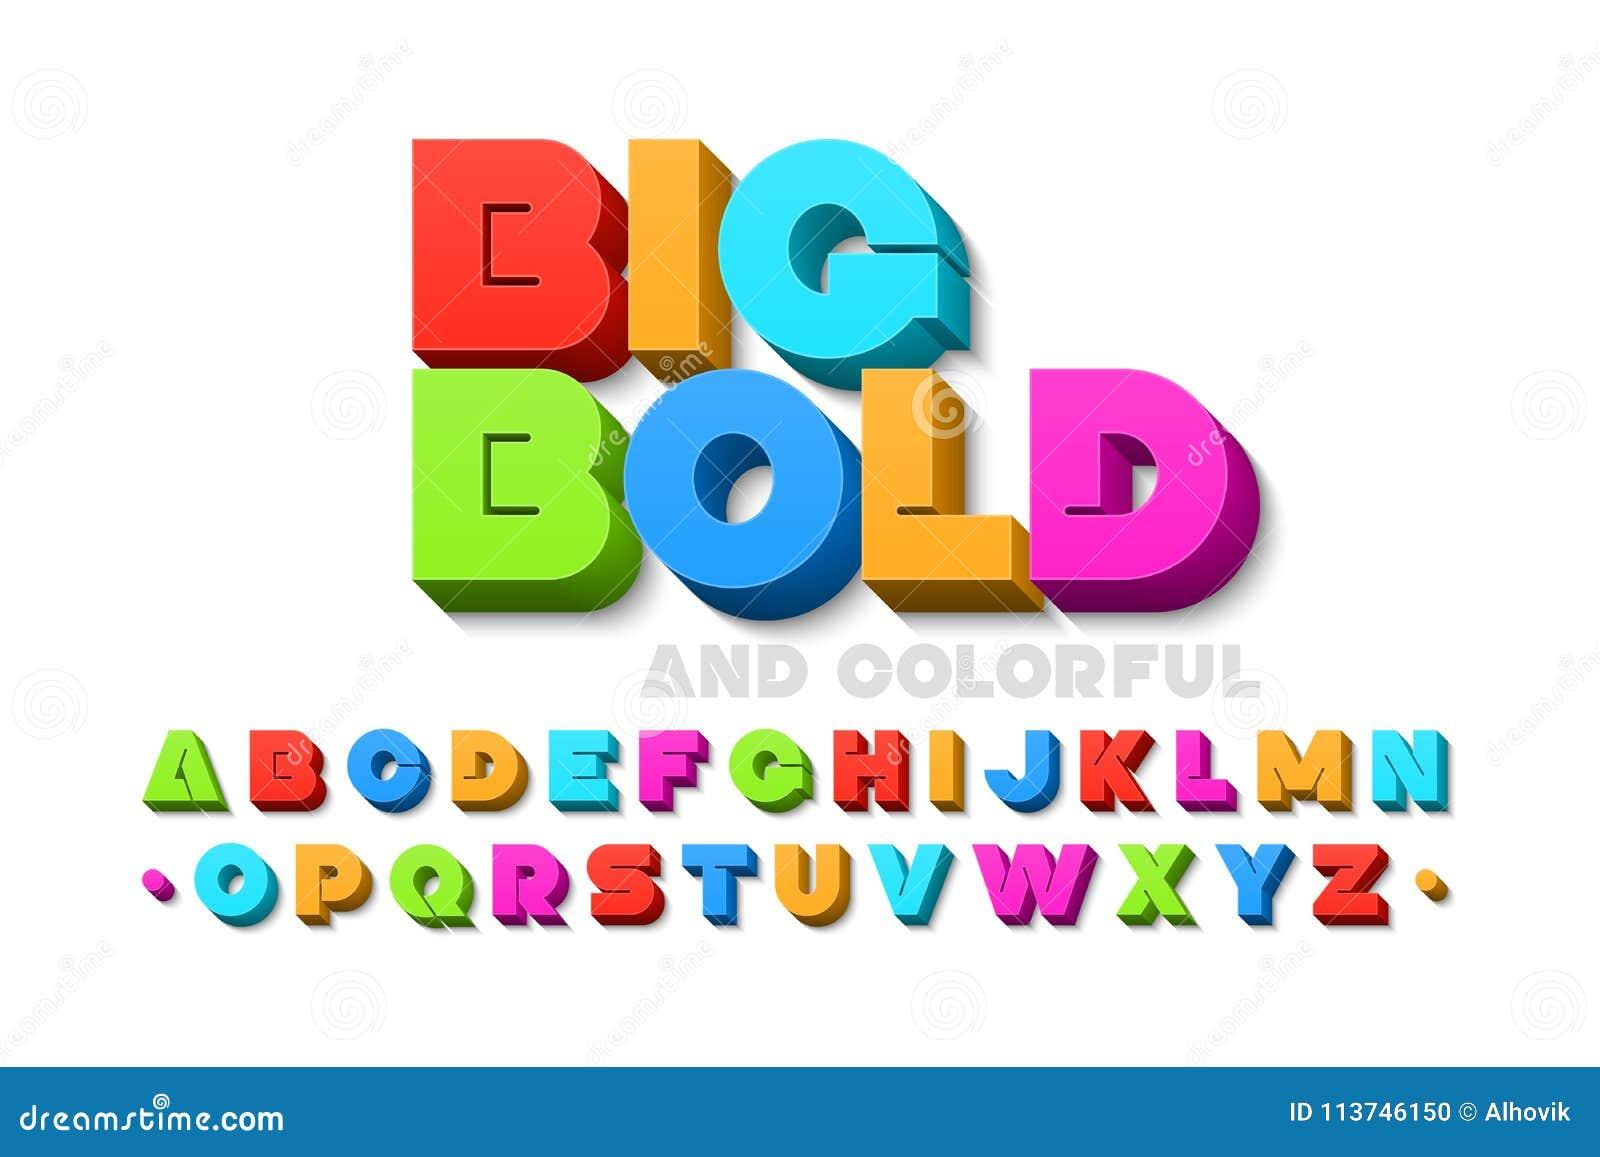 Смелейший красочный шрифт 3d